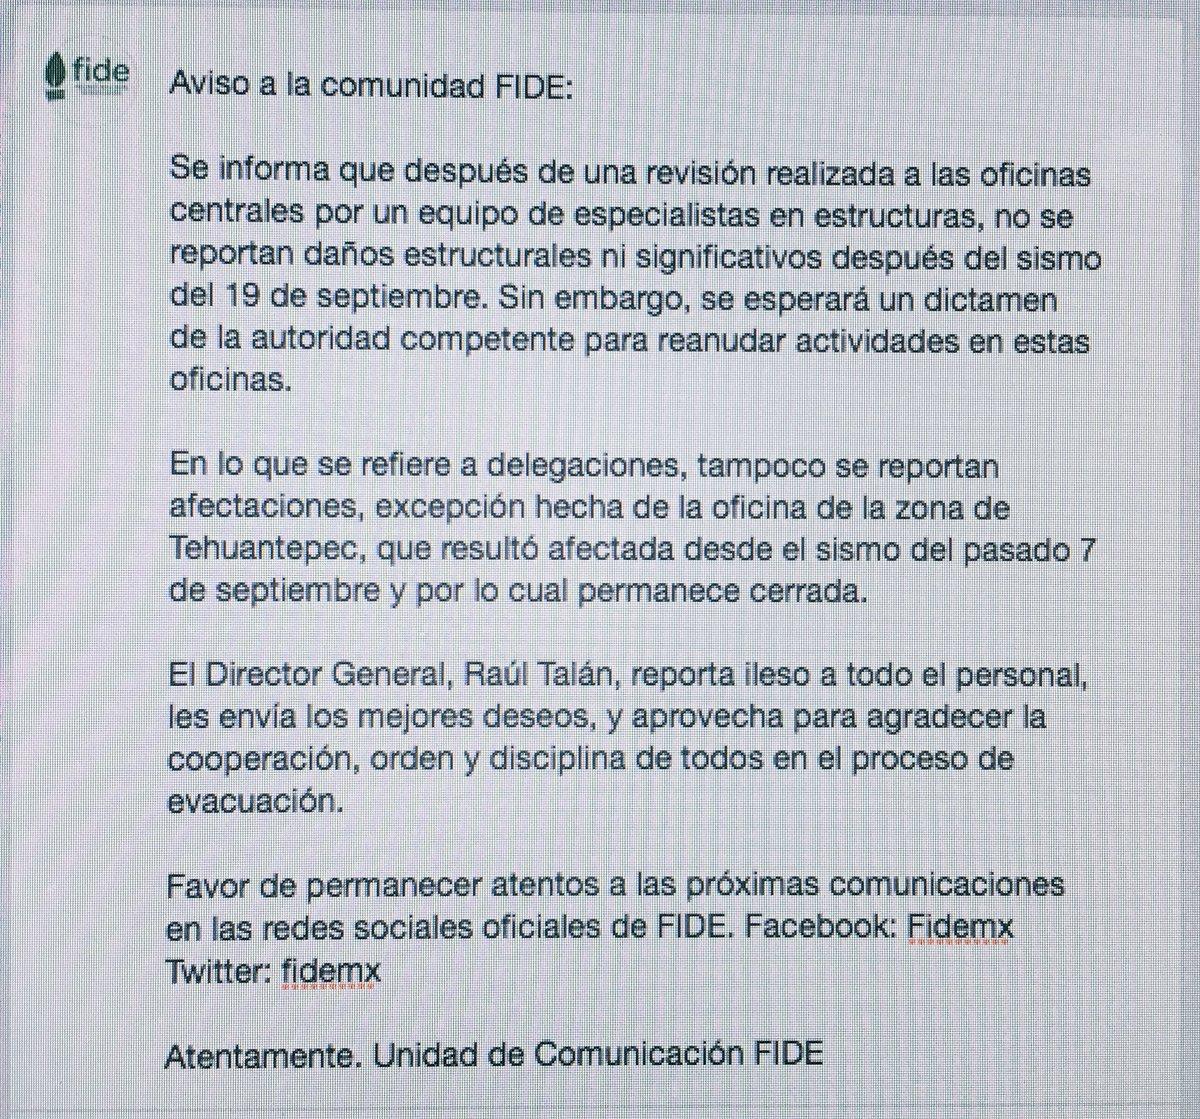 Excelente Reanudar Comunicaciones Corporativas Bosquejo - Ejemplo De ...